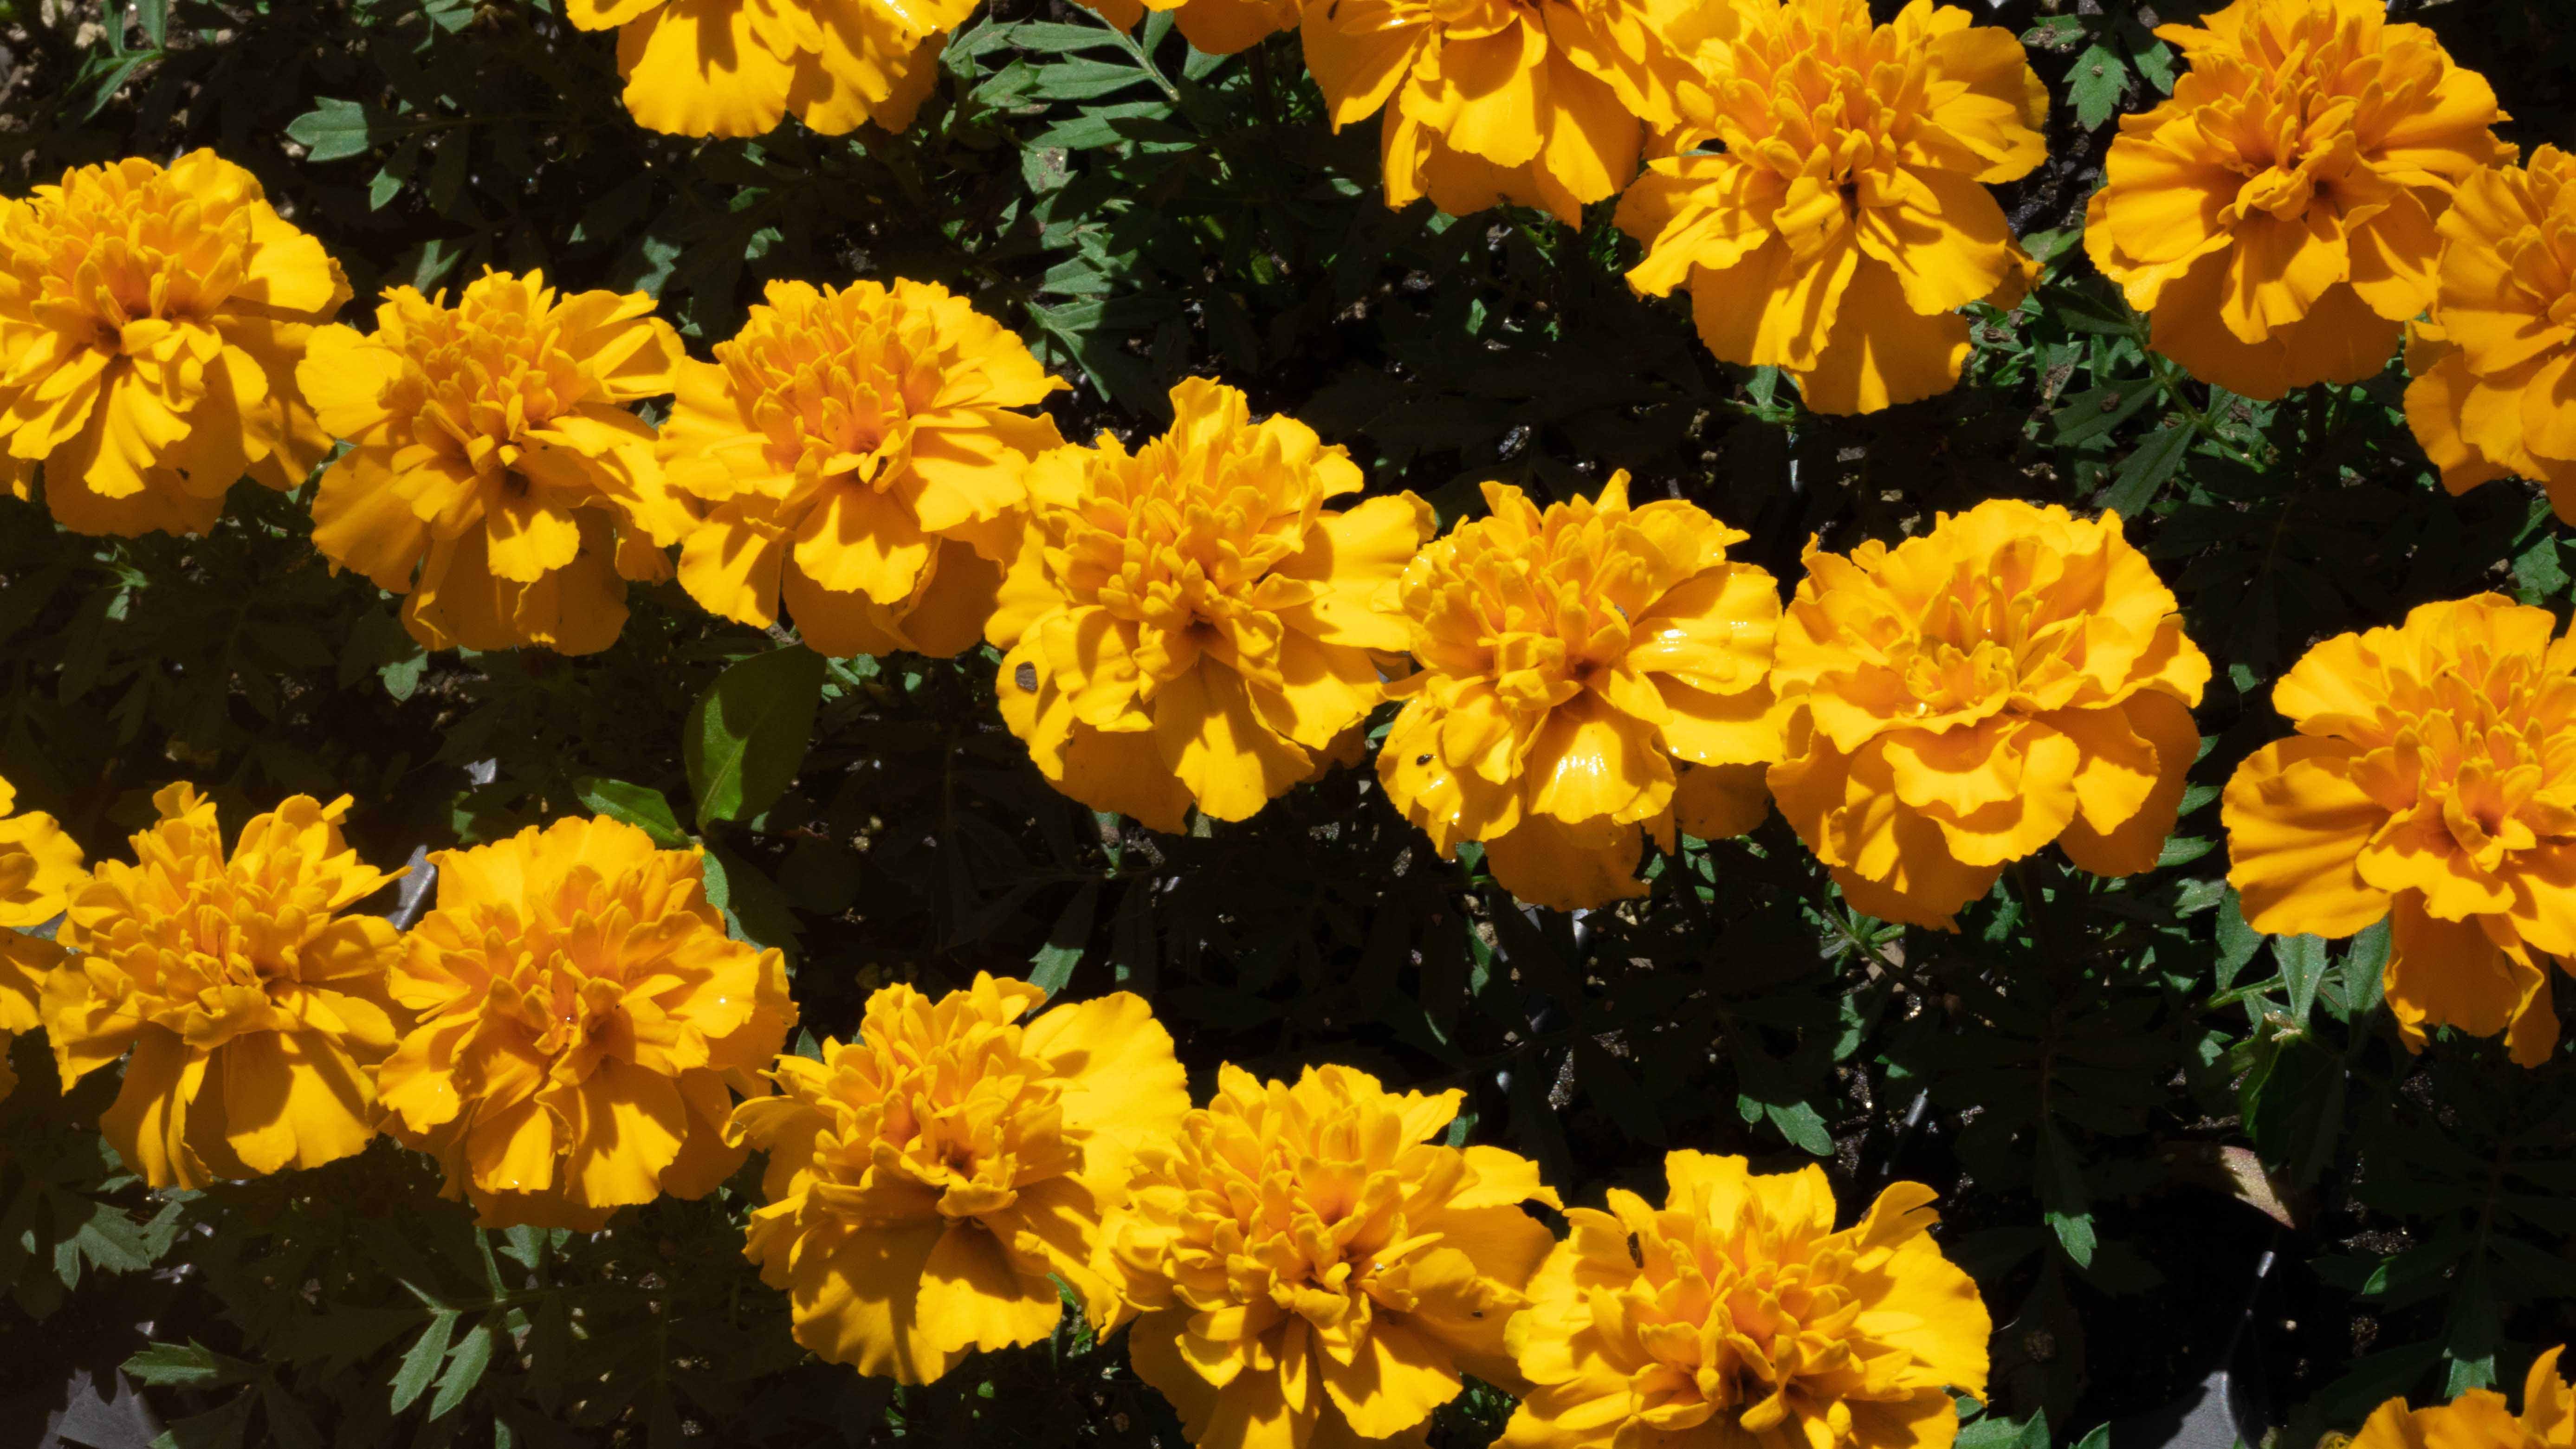 flowers crop image